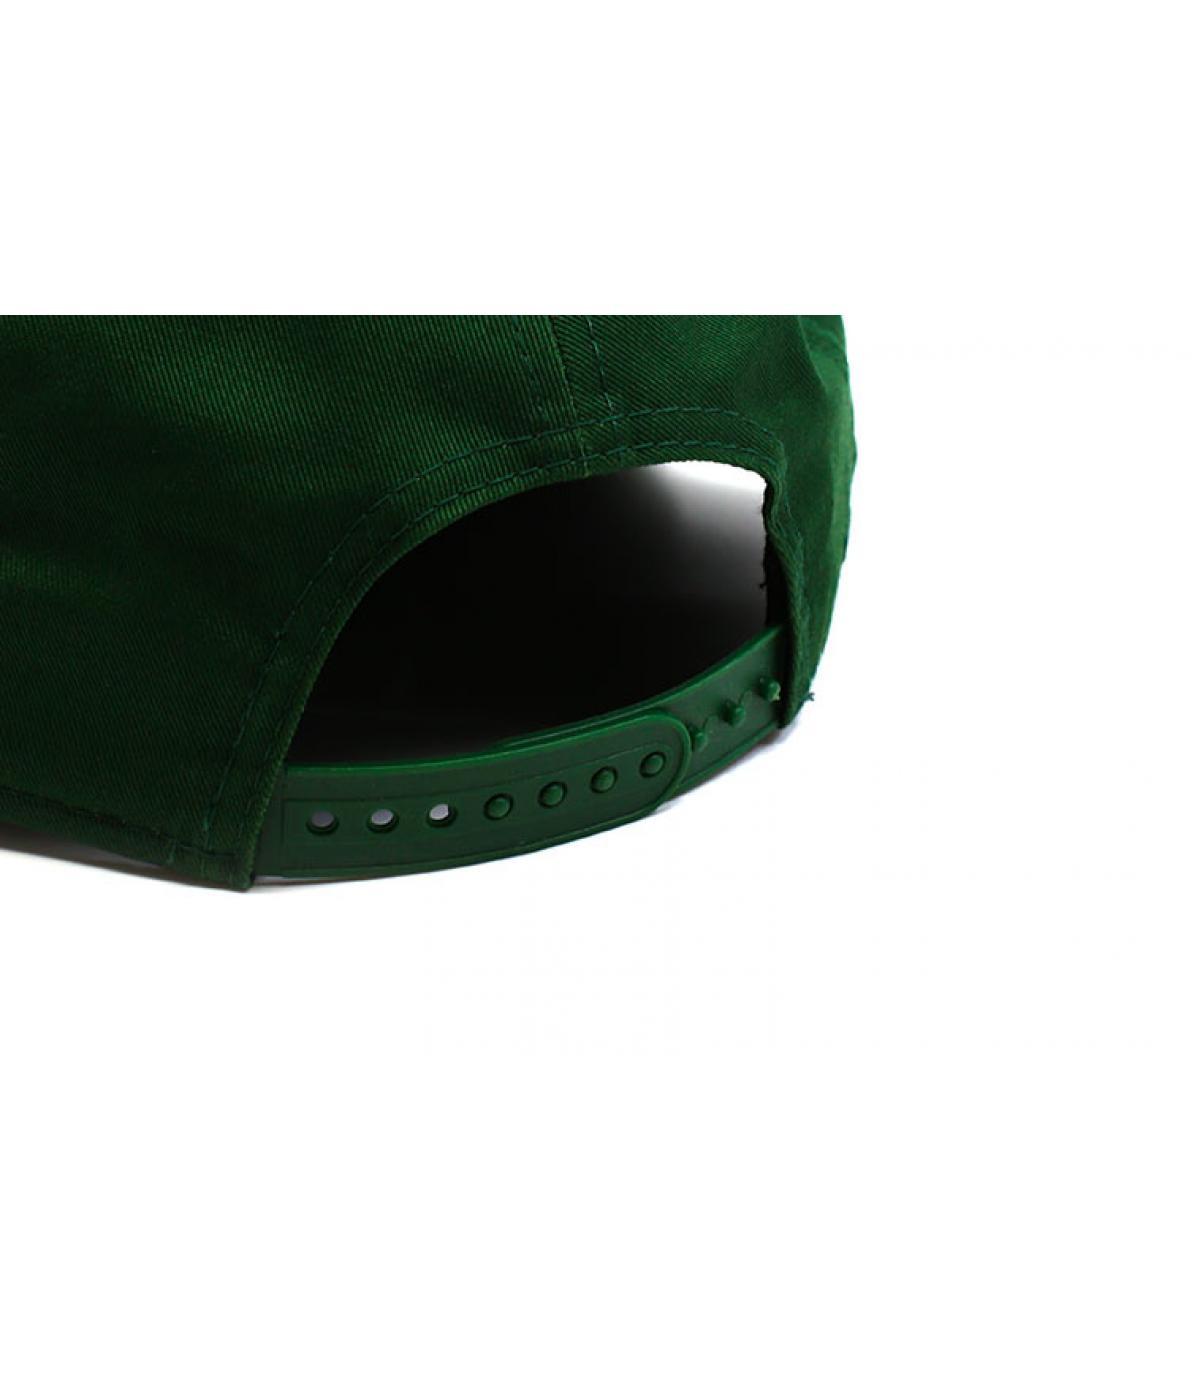 Détails Snapback League Ess LA 950 hooley green black - image 5